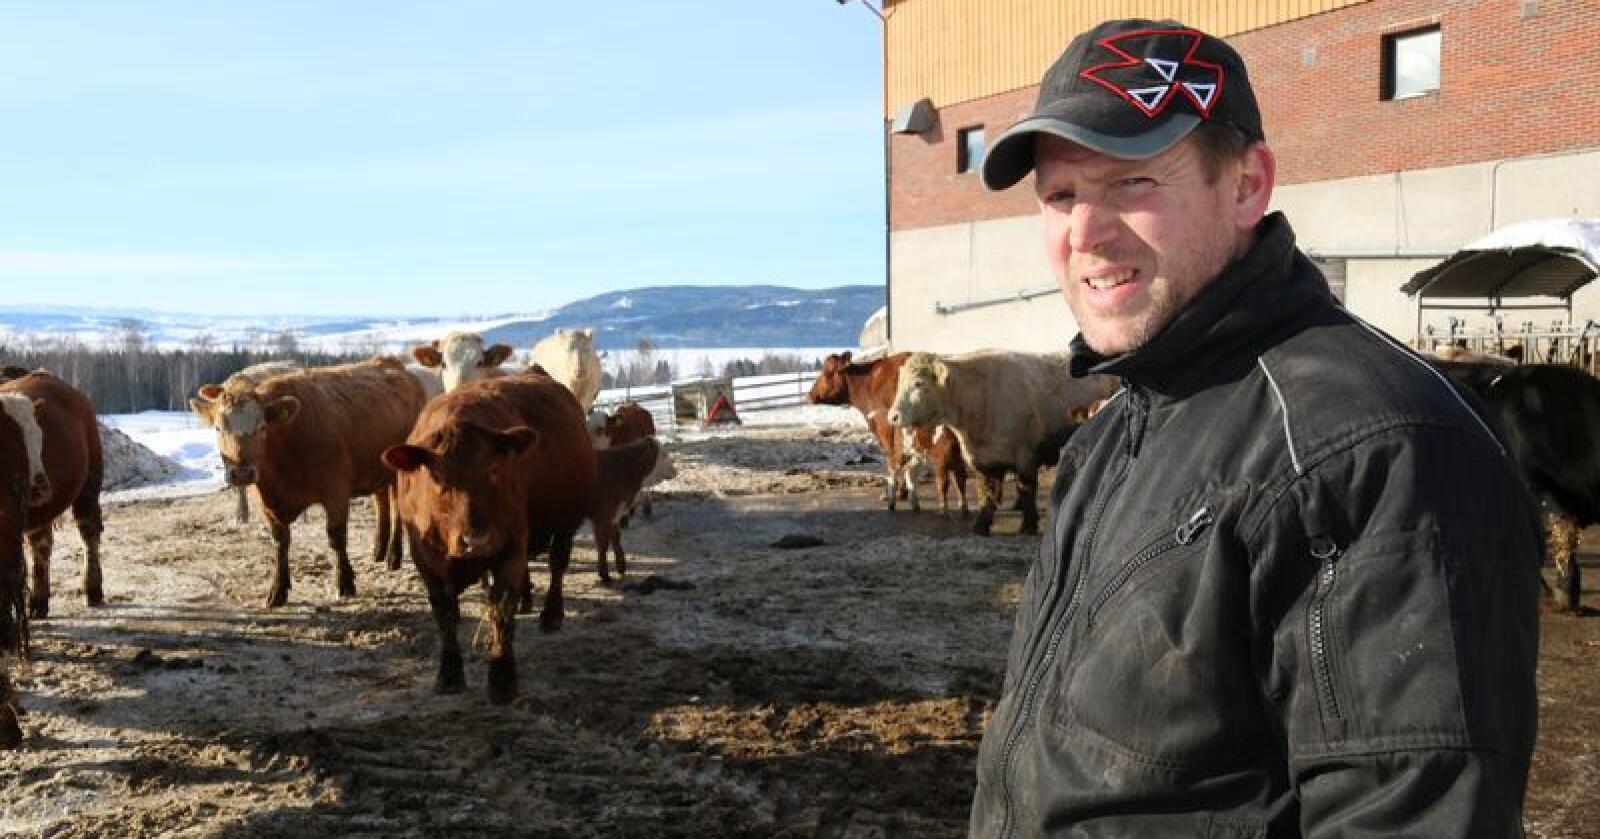 Ola Frang Wetten mener at bønder med kjøttfe og melk har mye å hente på å samarbeide. Foto: Dag Idar Jøsang